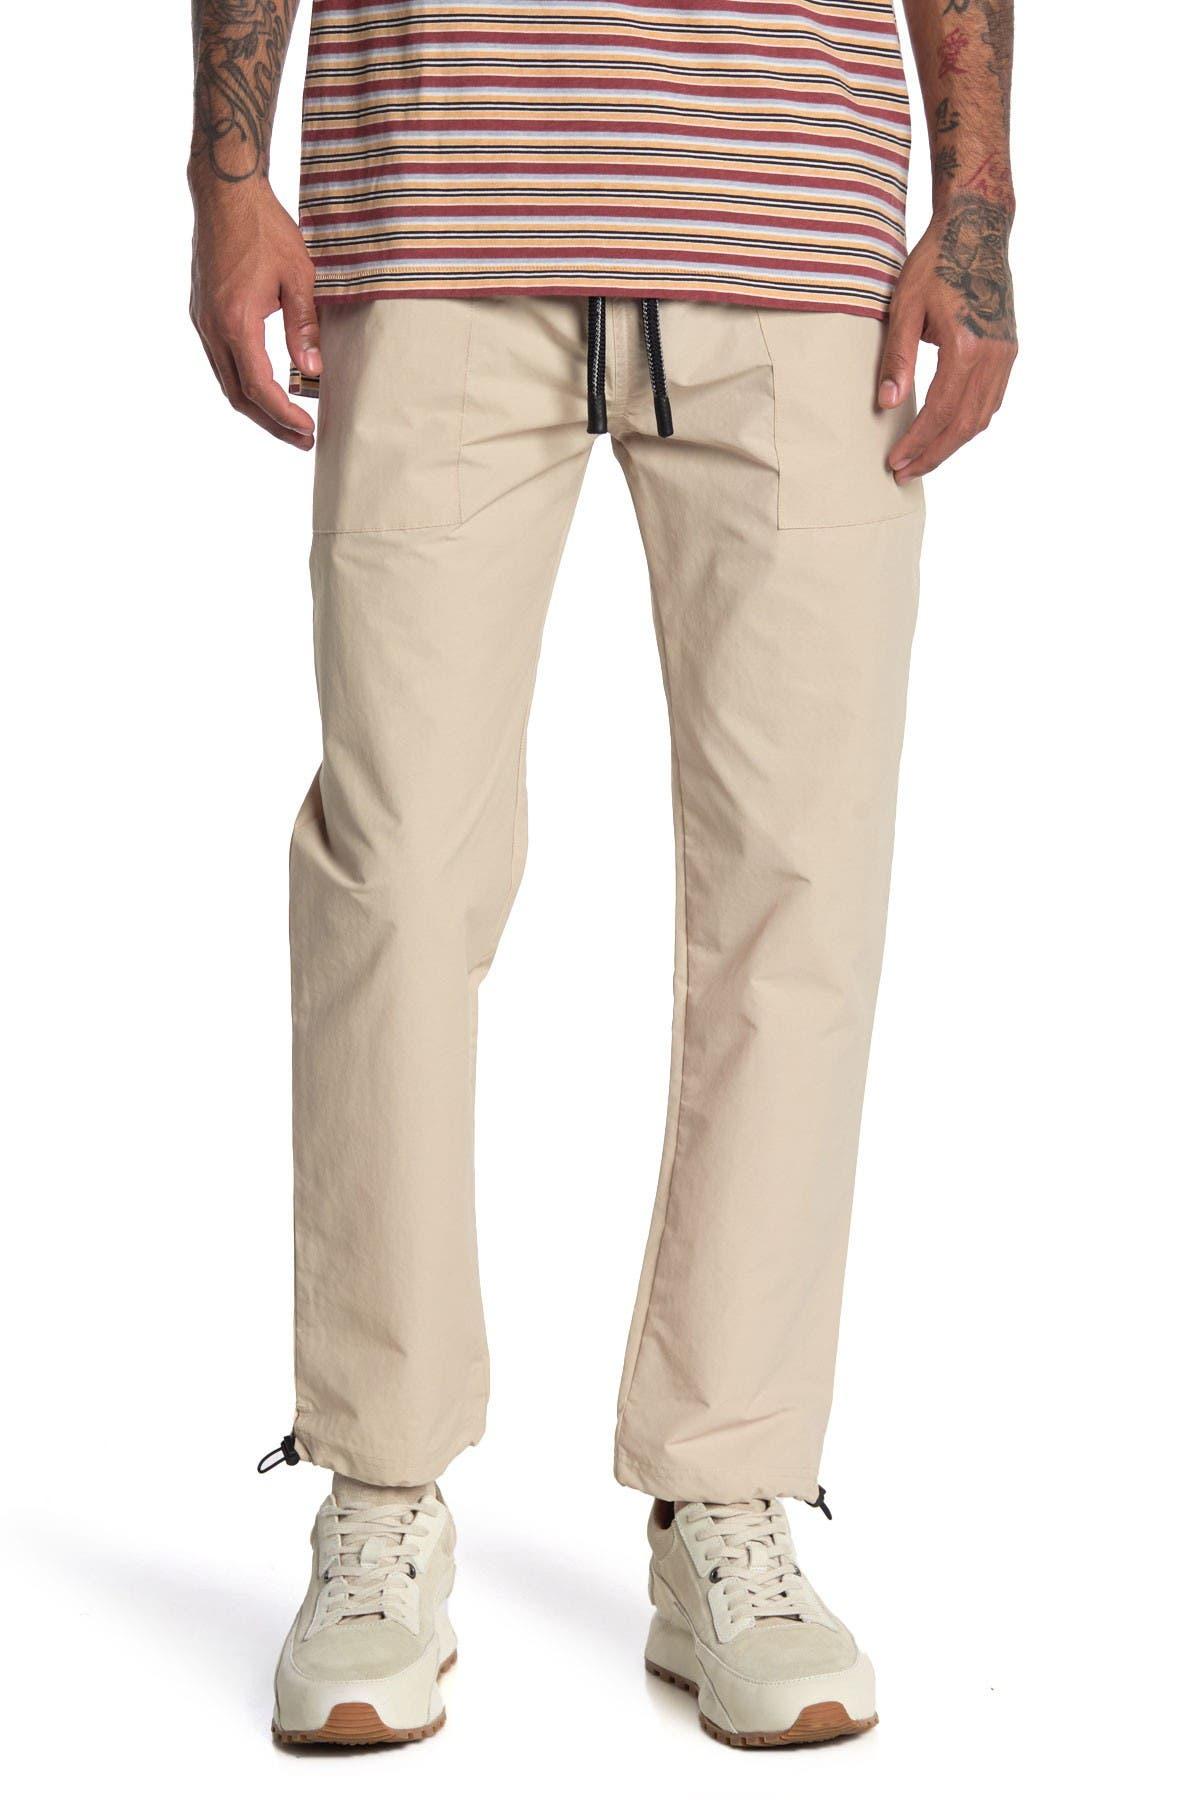 Image of Zanerobe Jumpa Lite Pants